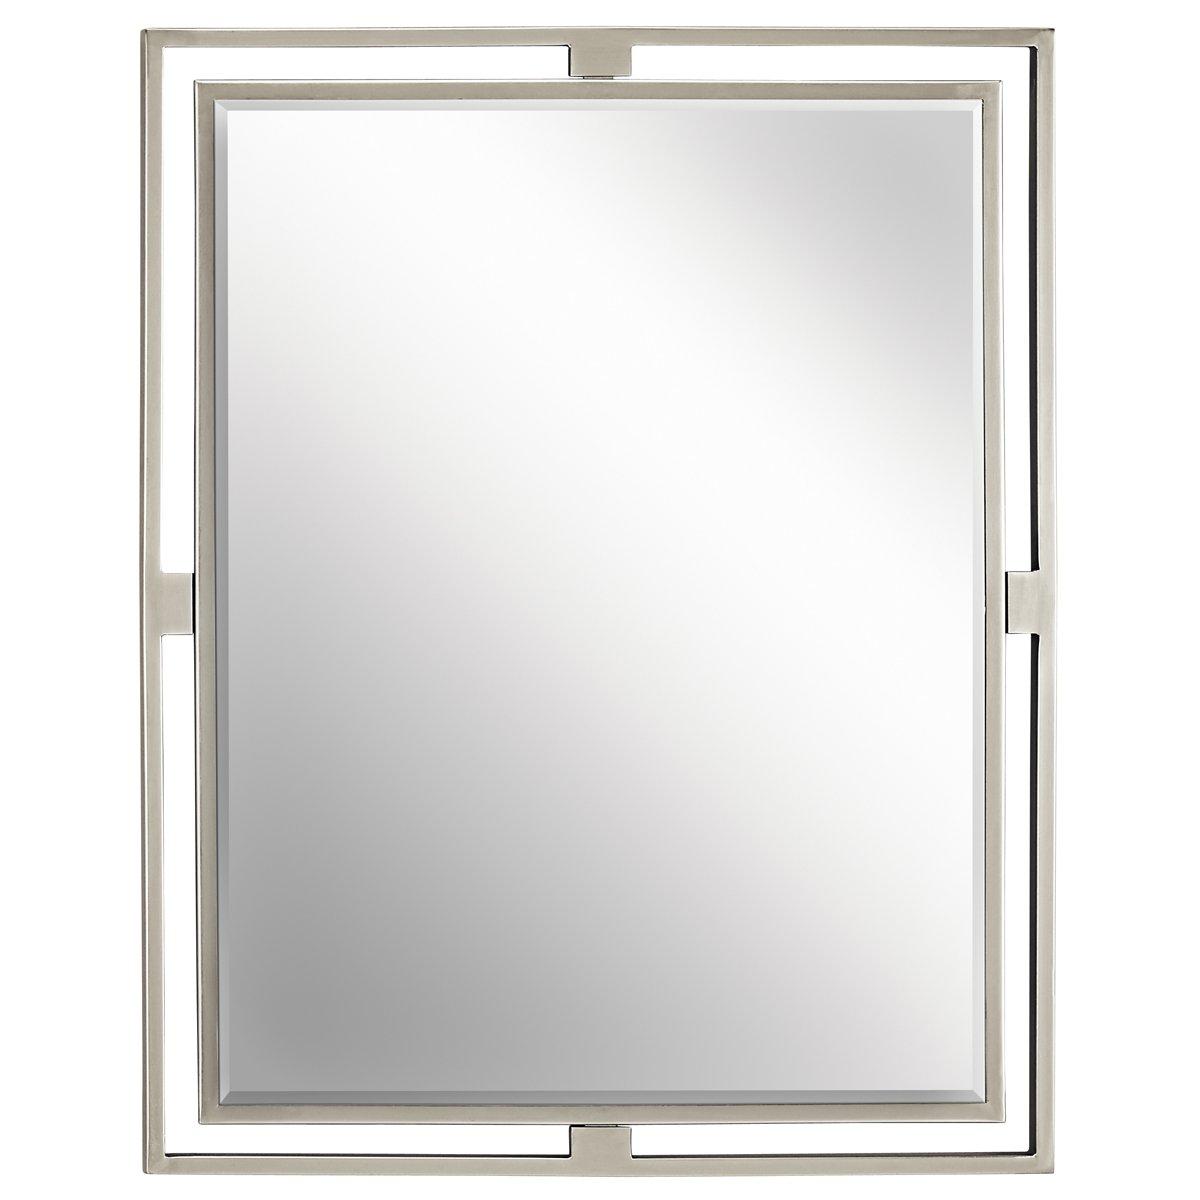 Brushed nickel bathroom mirror - Brushed Nickel Bathroom Mirror 50